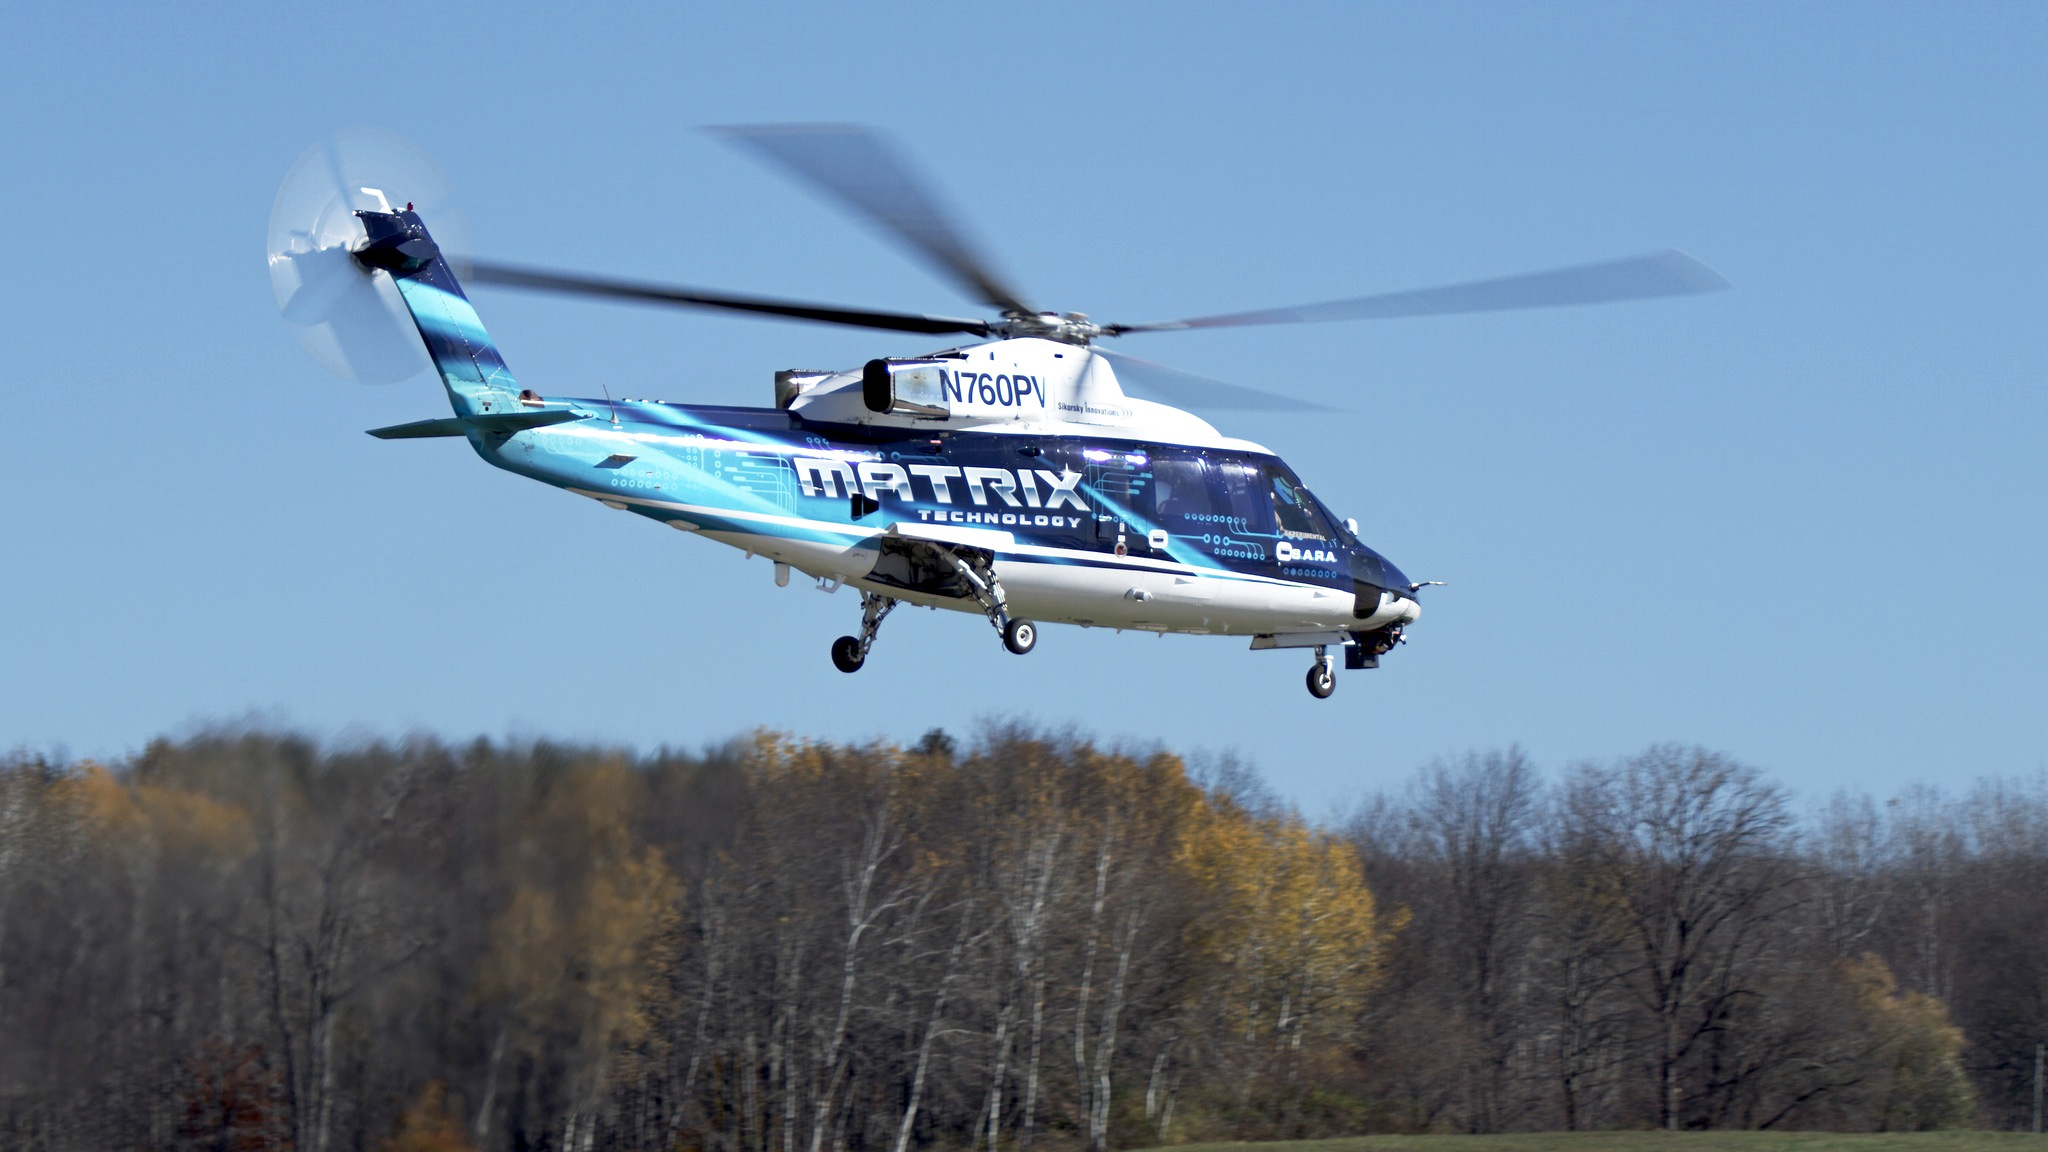 Der Sikorksky Hubschrauber S76 SARA fliegt autonom, kann aber Rettungskräfte und Verletzte an Bord nehmen.